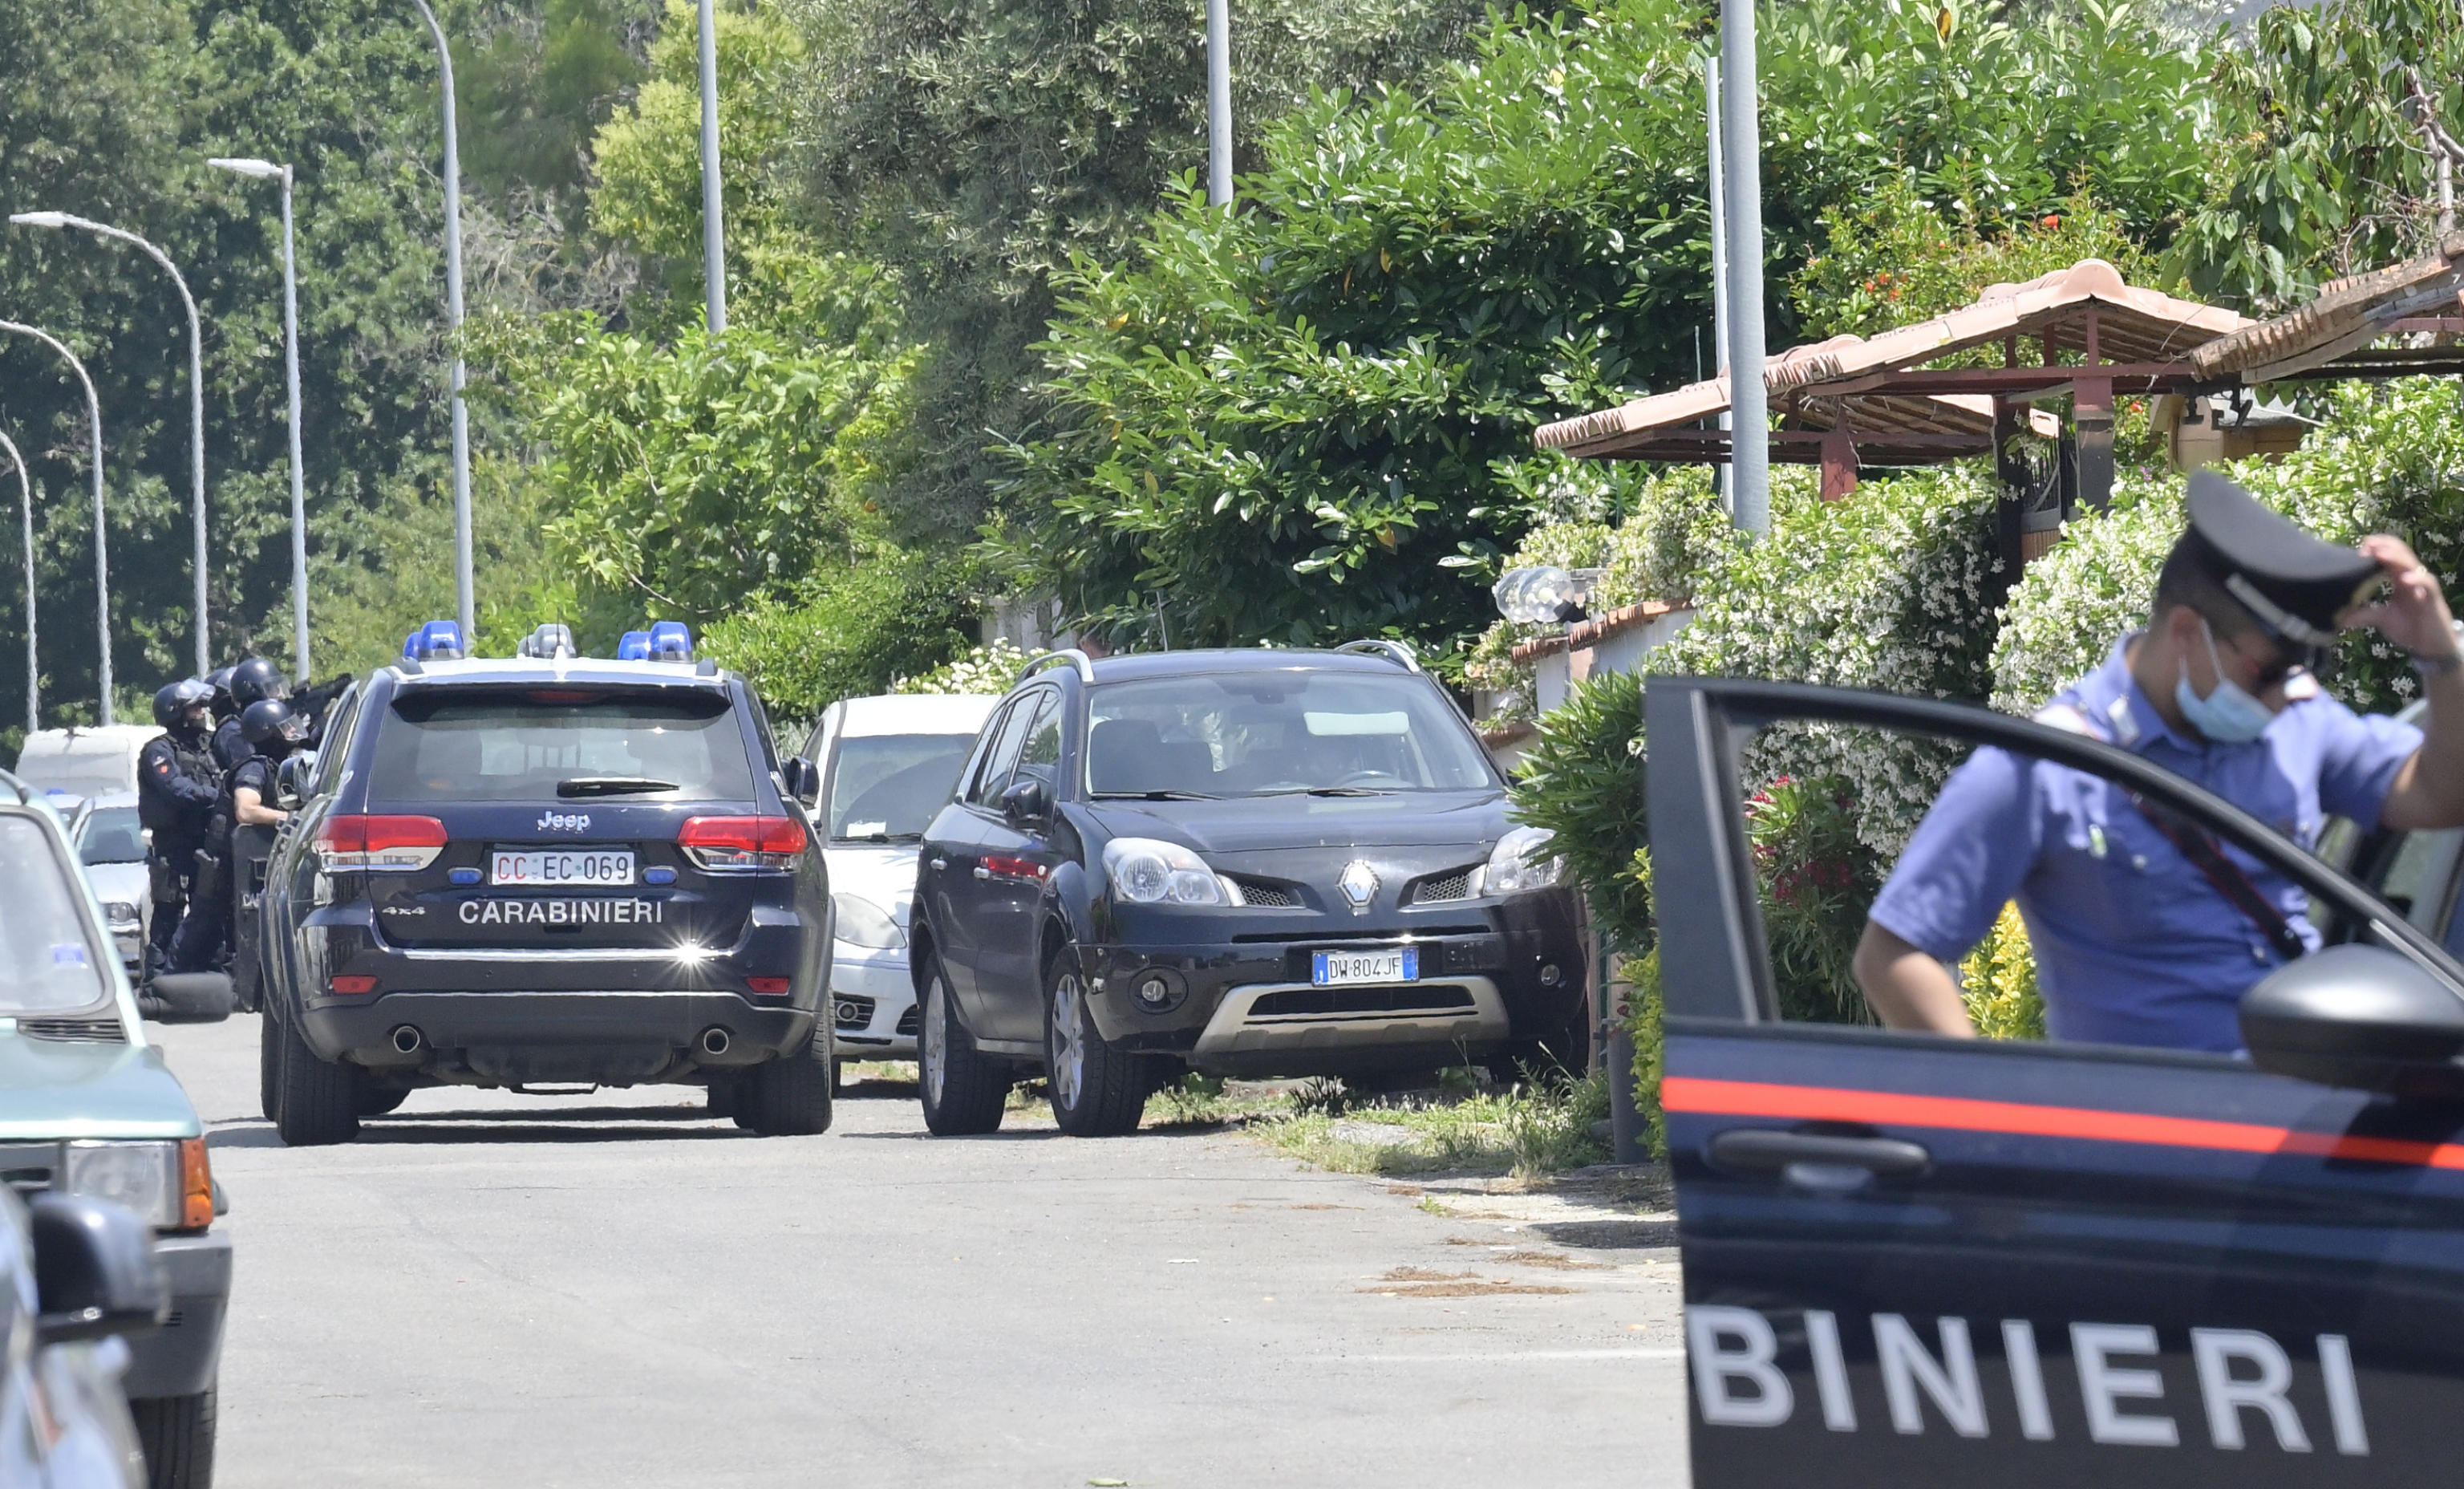 Spari in strada vicino a Roma, morti due fratellini di 3 e 8 anni e un anziano: l'aggressore è barricato in casa